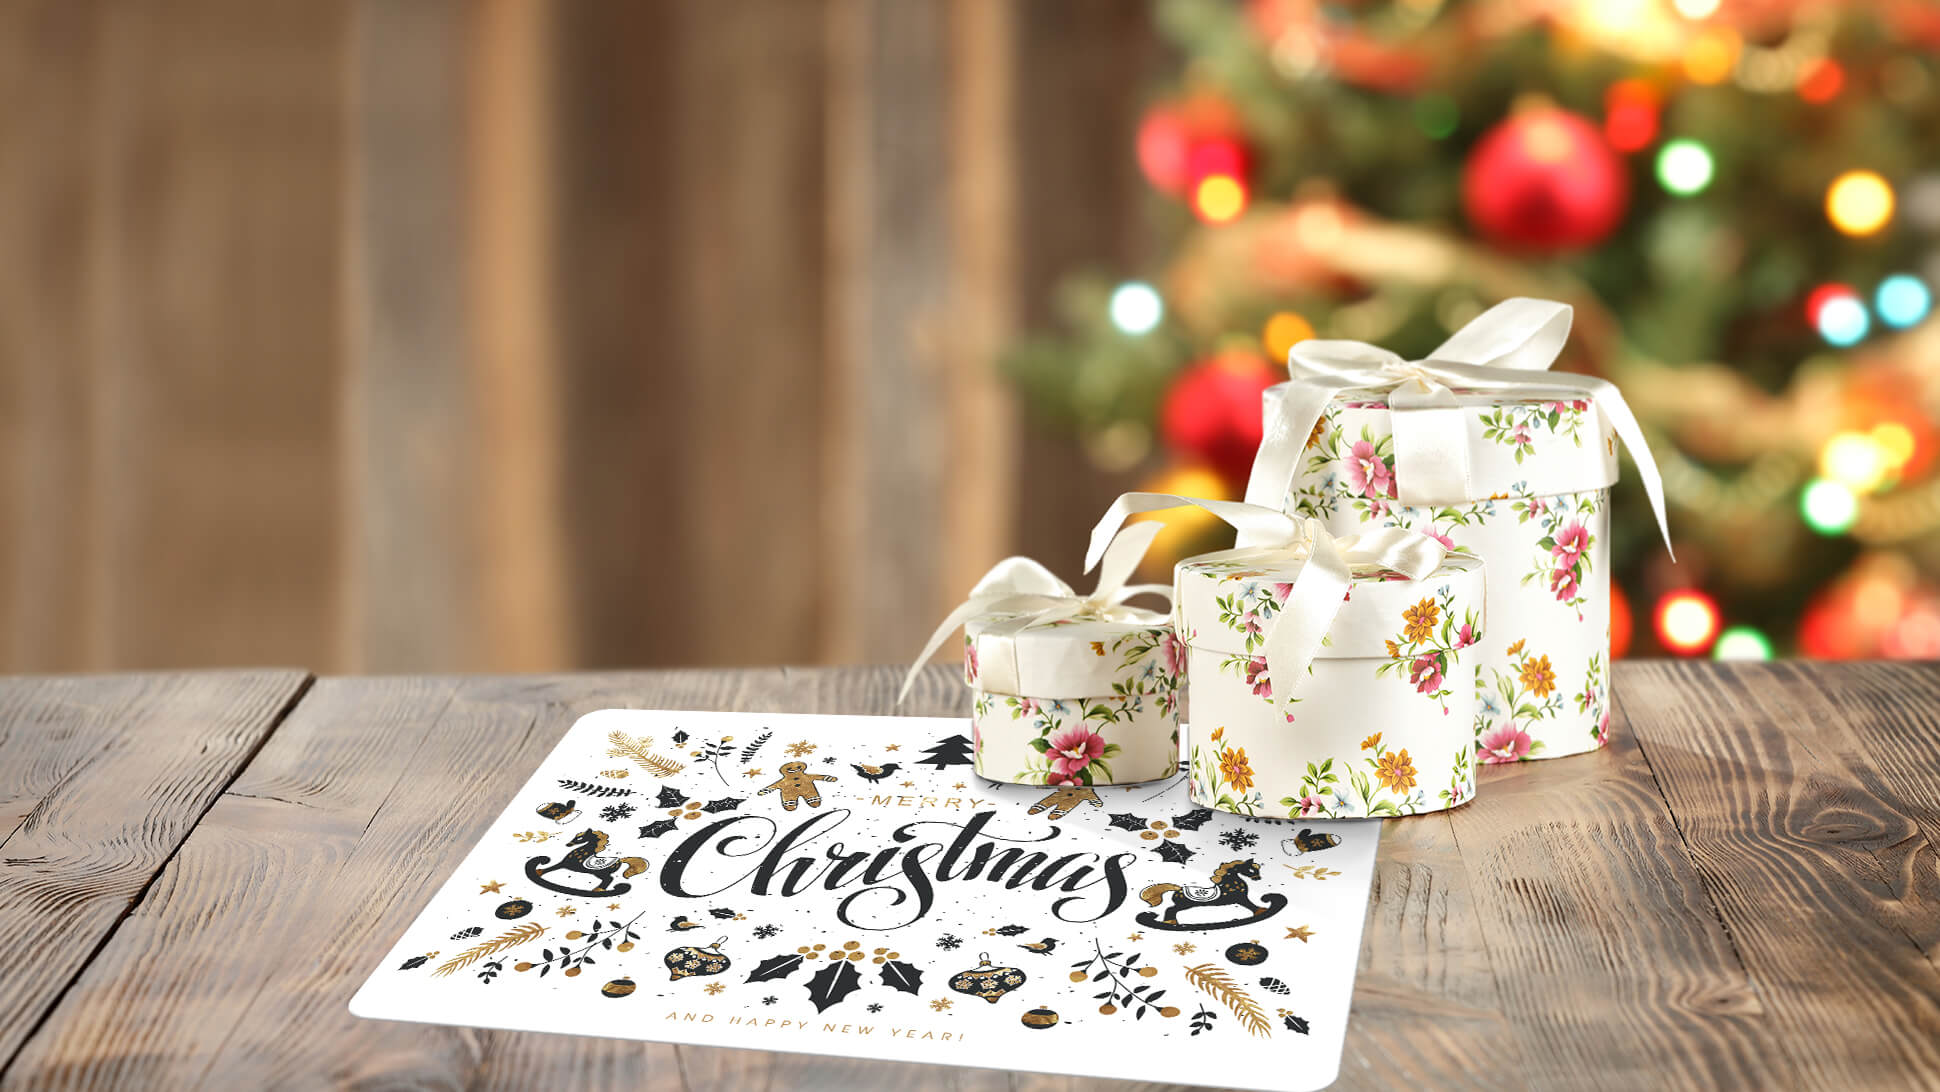 tovagliette con grafica prestampata per festività natalizie | tictac.it